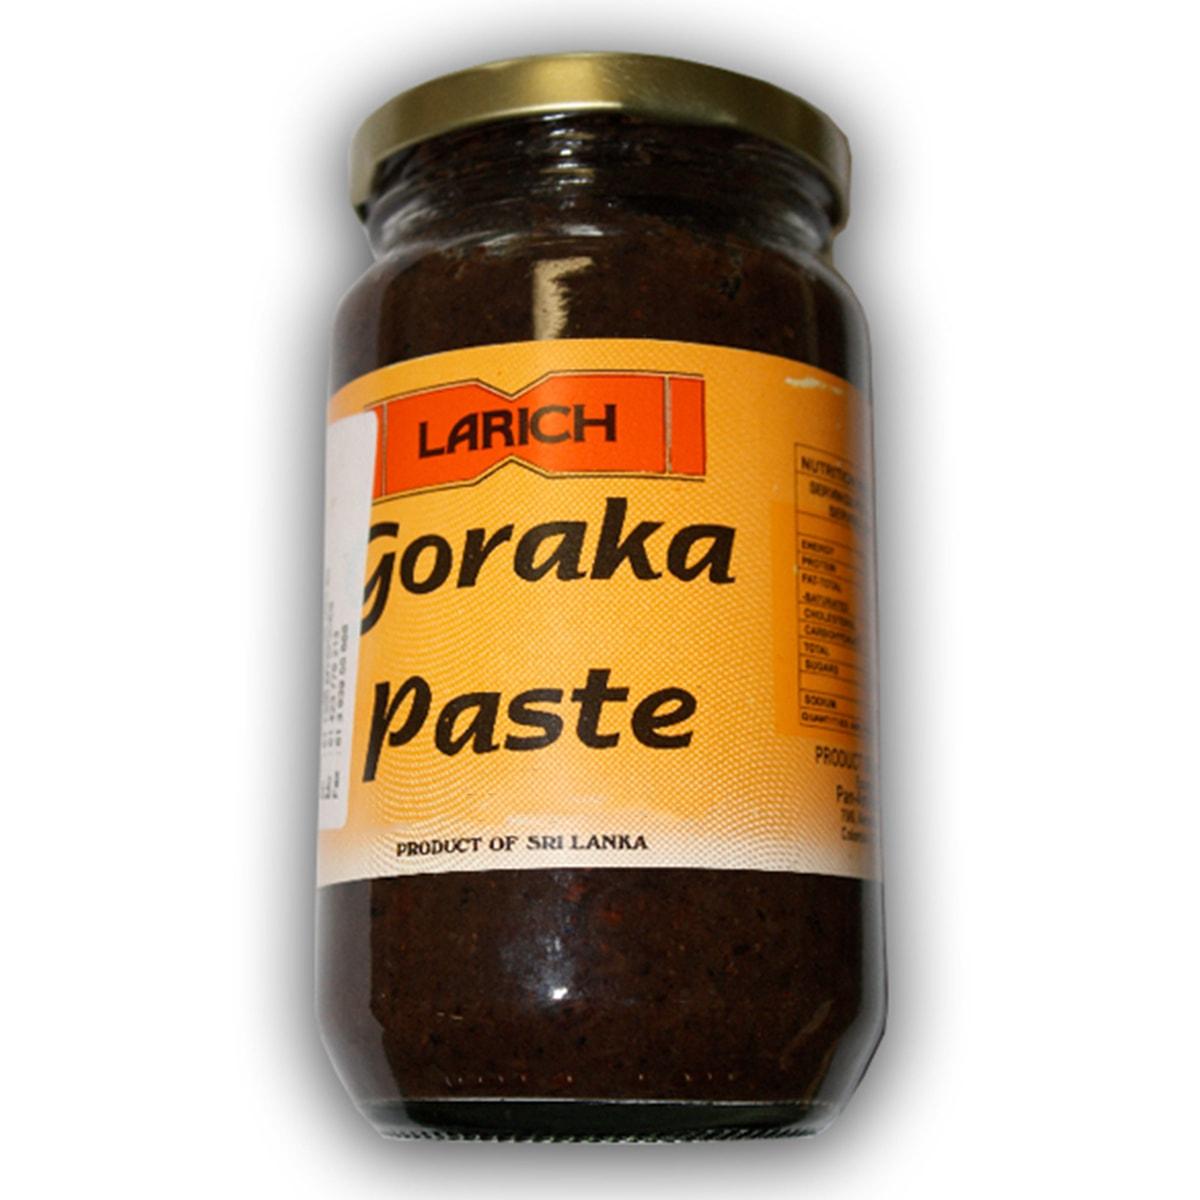 Buy Larich Goraka Paste - 300 gm